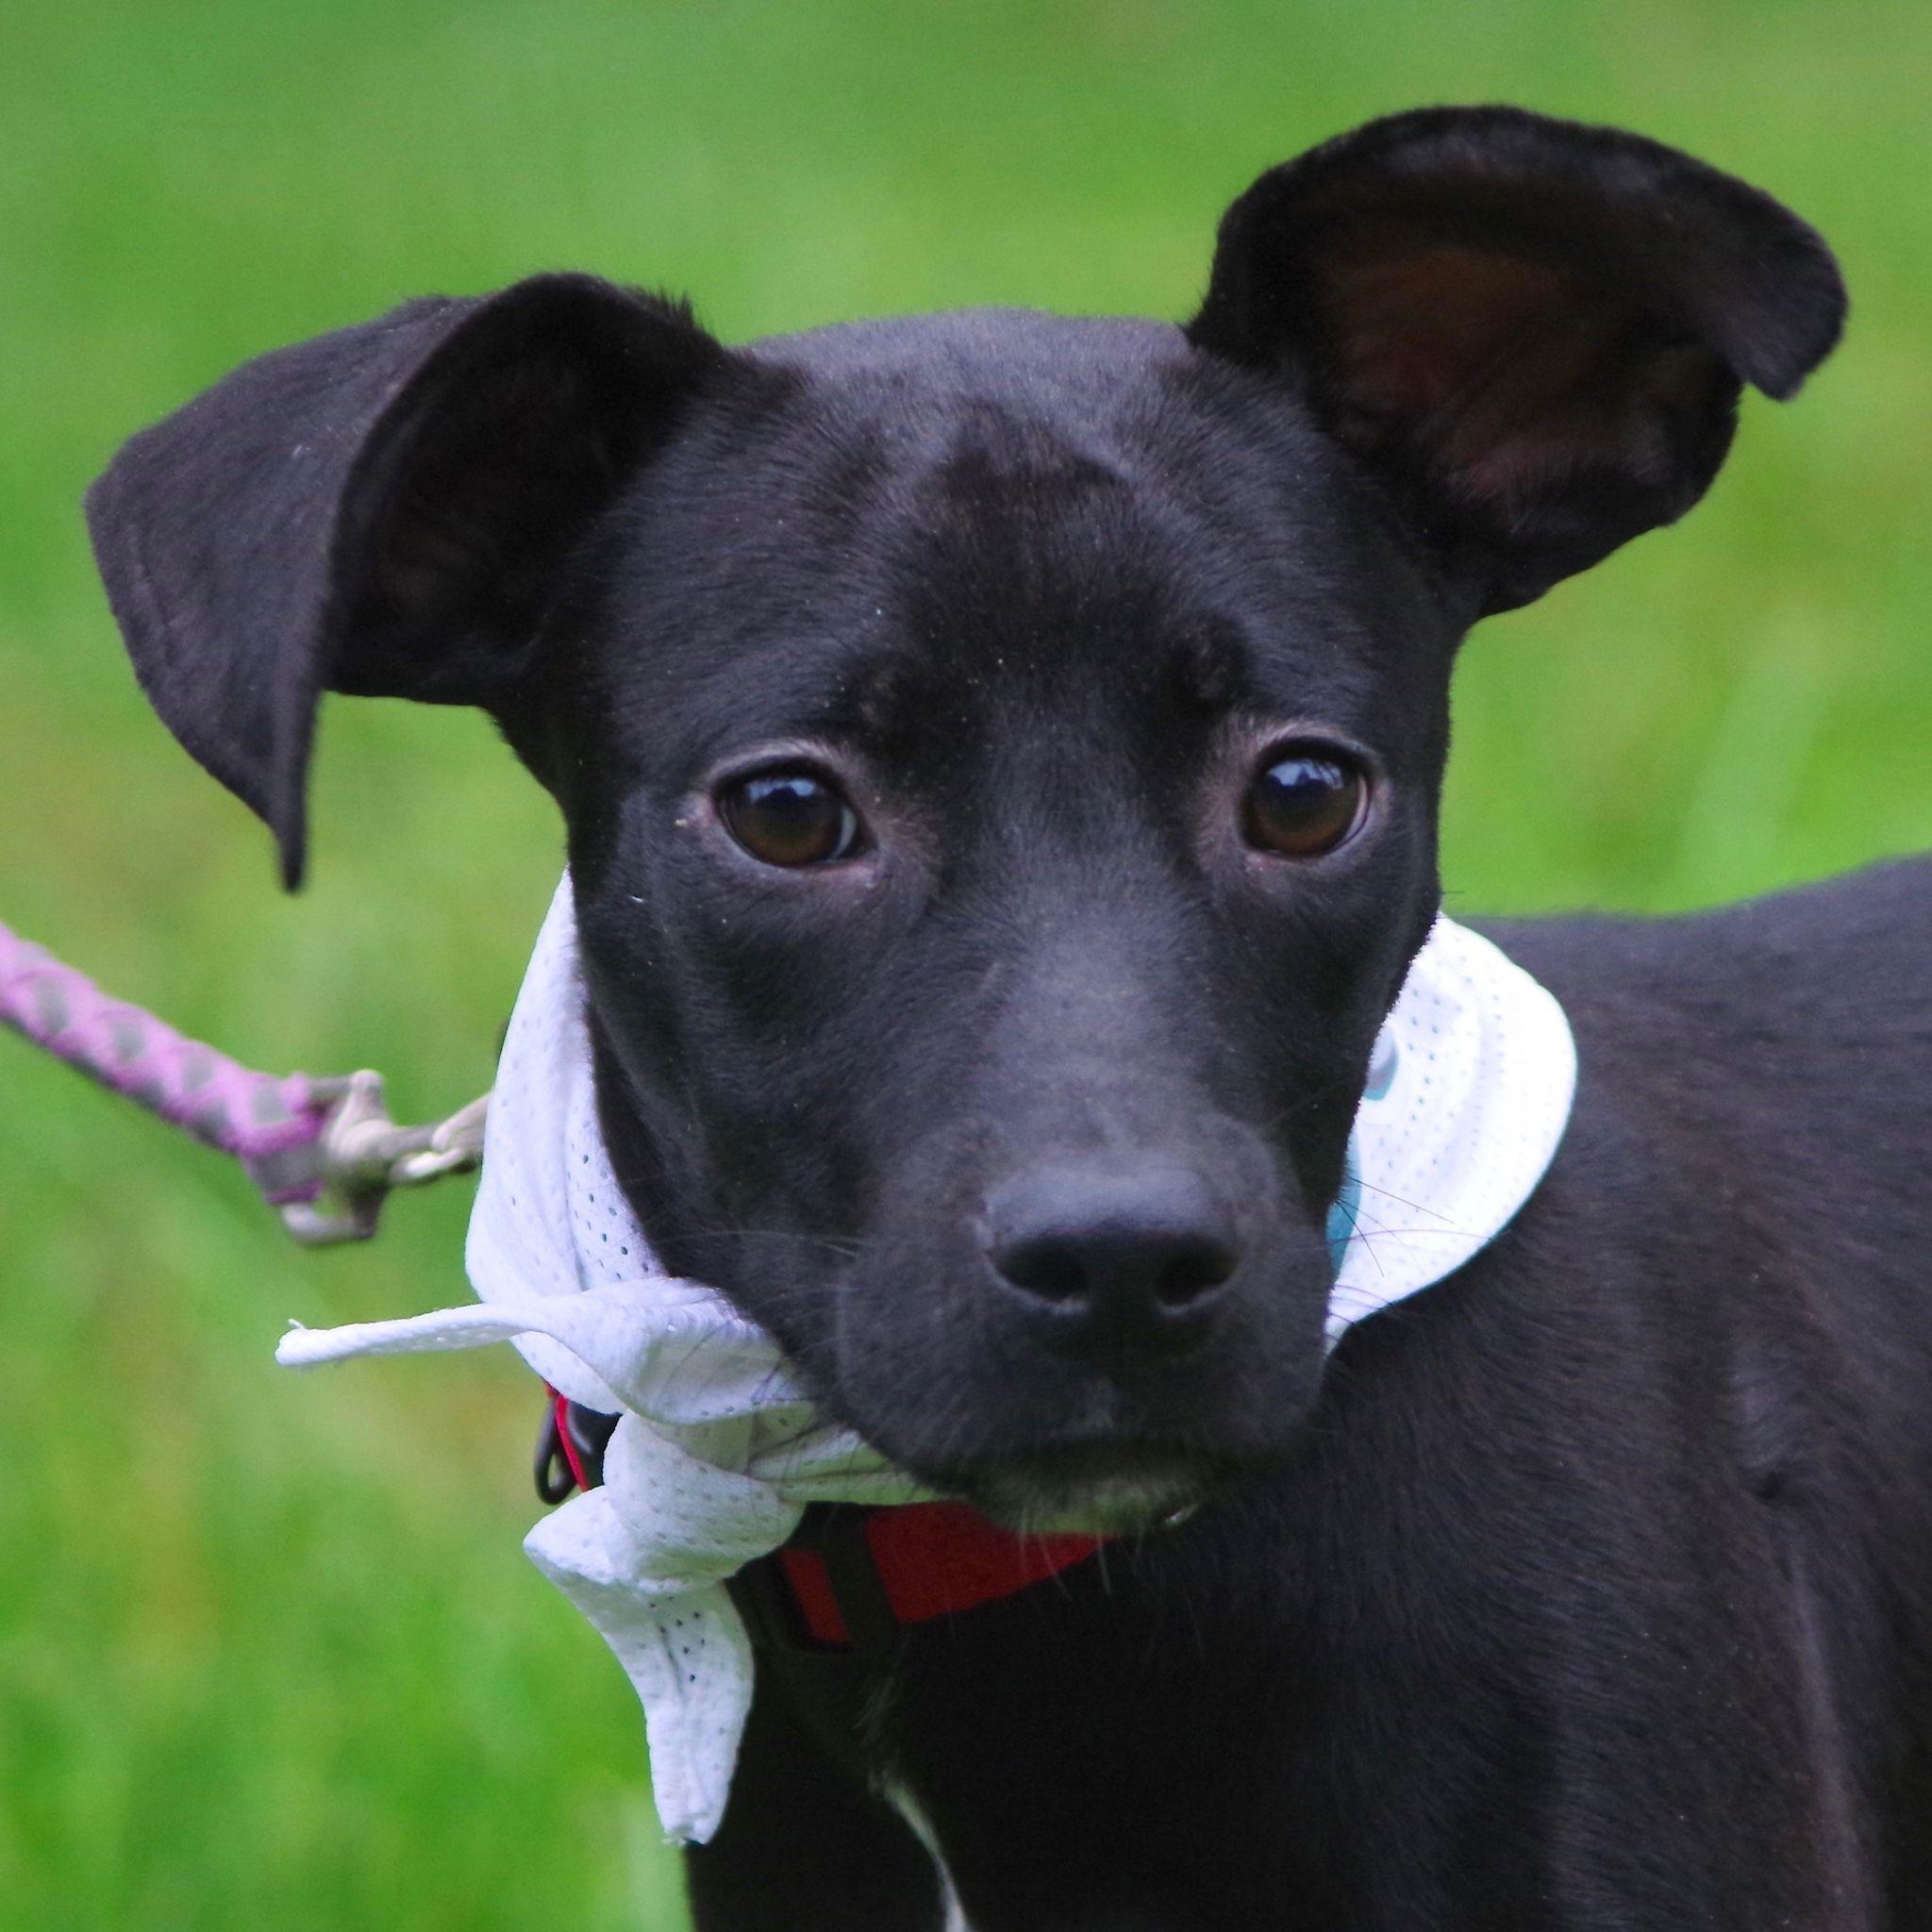 Adopt Jake on Animal shelter, Whippet mix, Animals